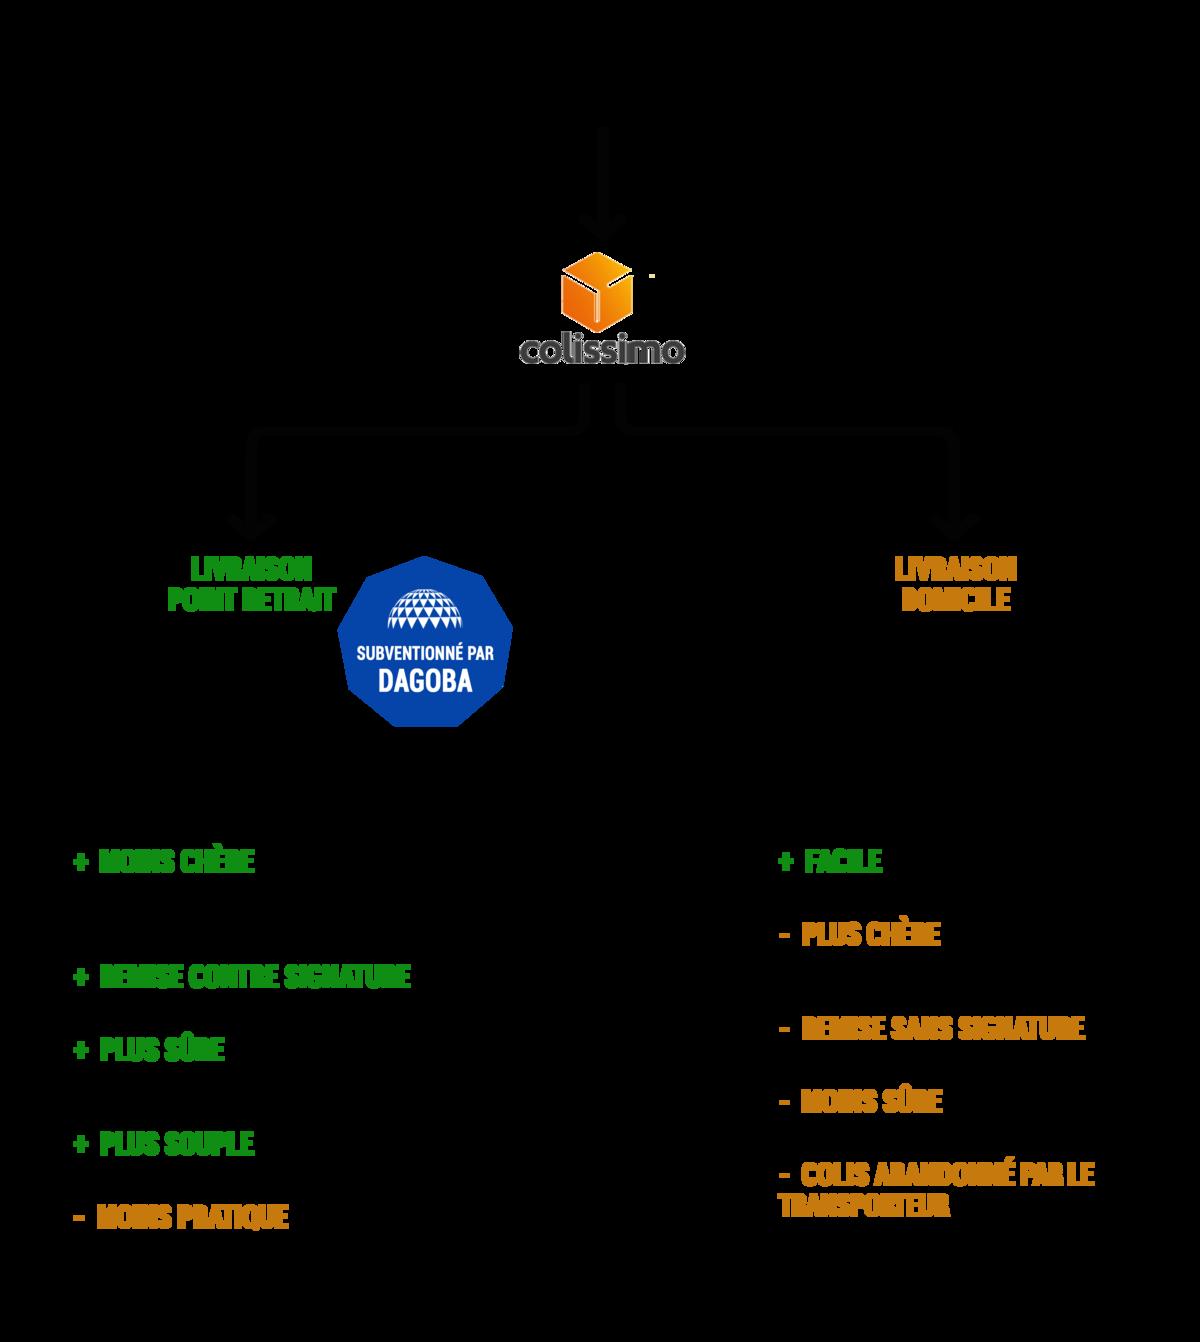 Image_schema-modes-livraison--0-0--9de9f94e-5a03-426b-9556-cc75a98b79e4